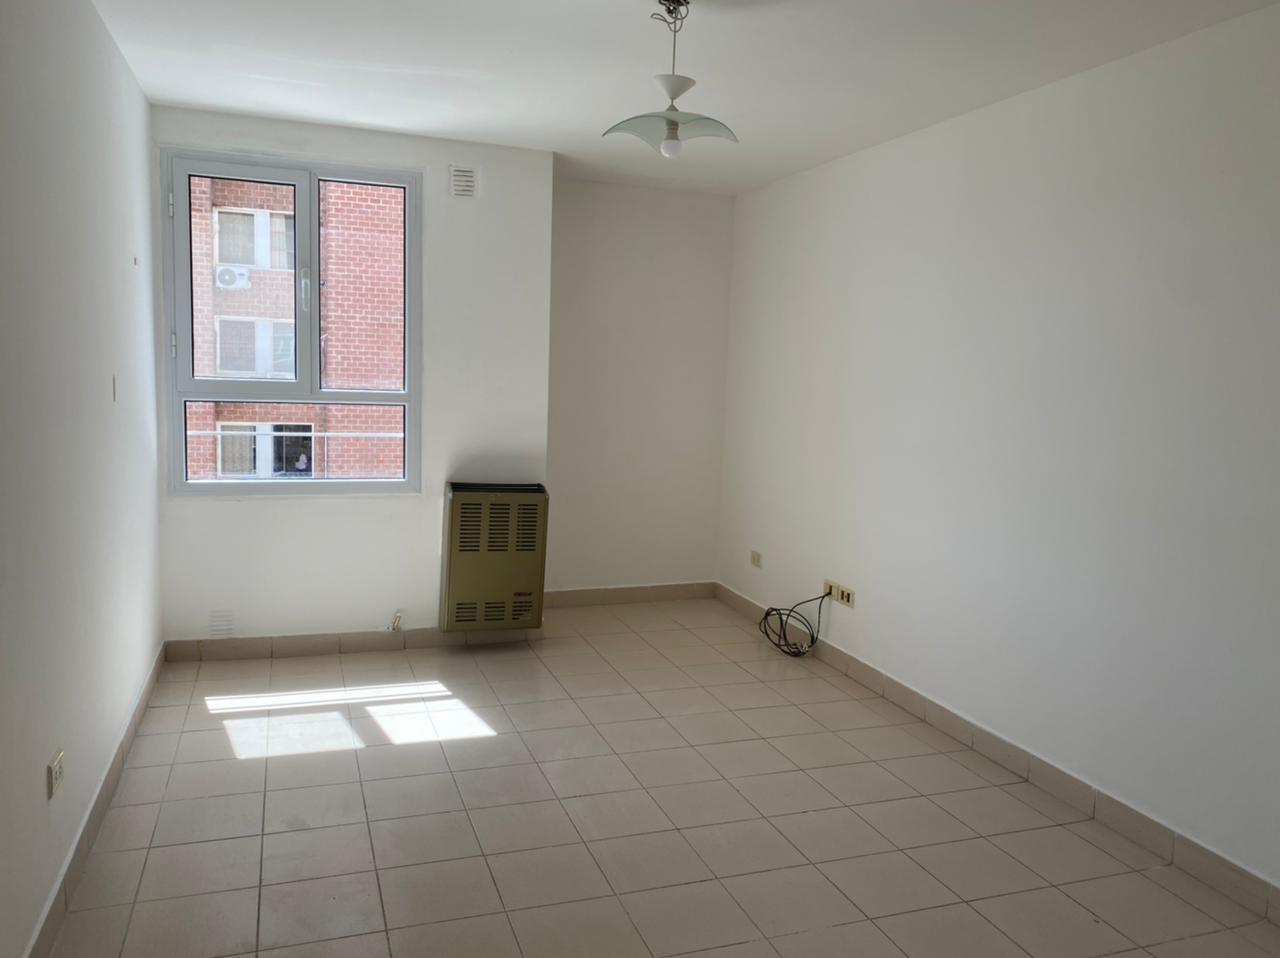 Departamento de 1 dormitorio sin cochera, en Alquiler, zona centro